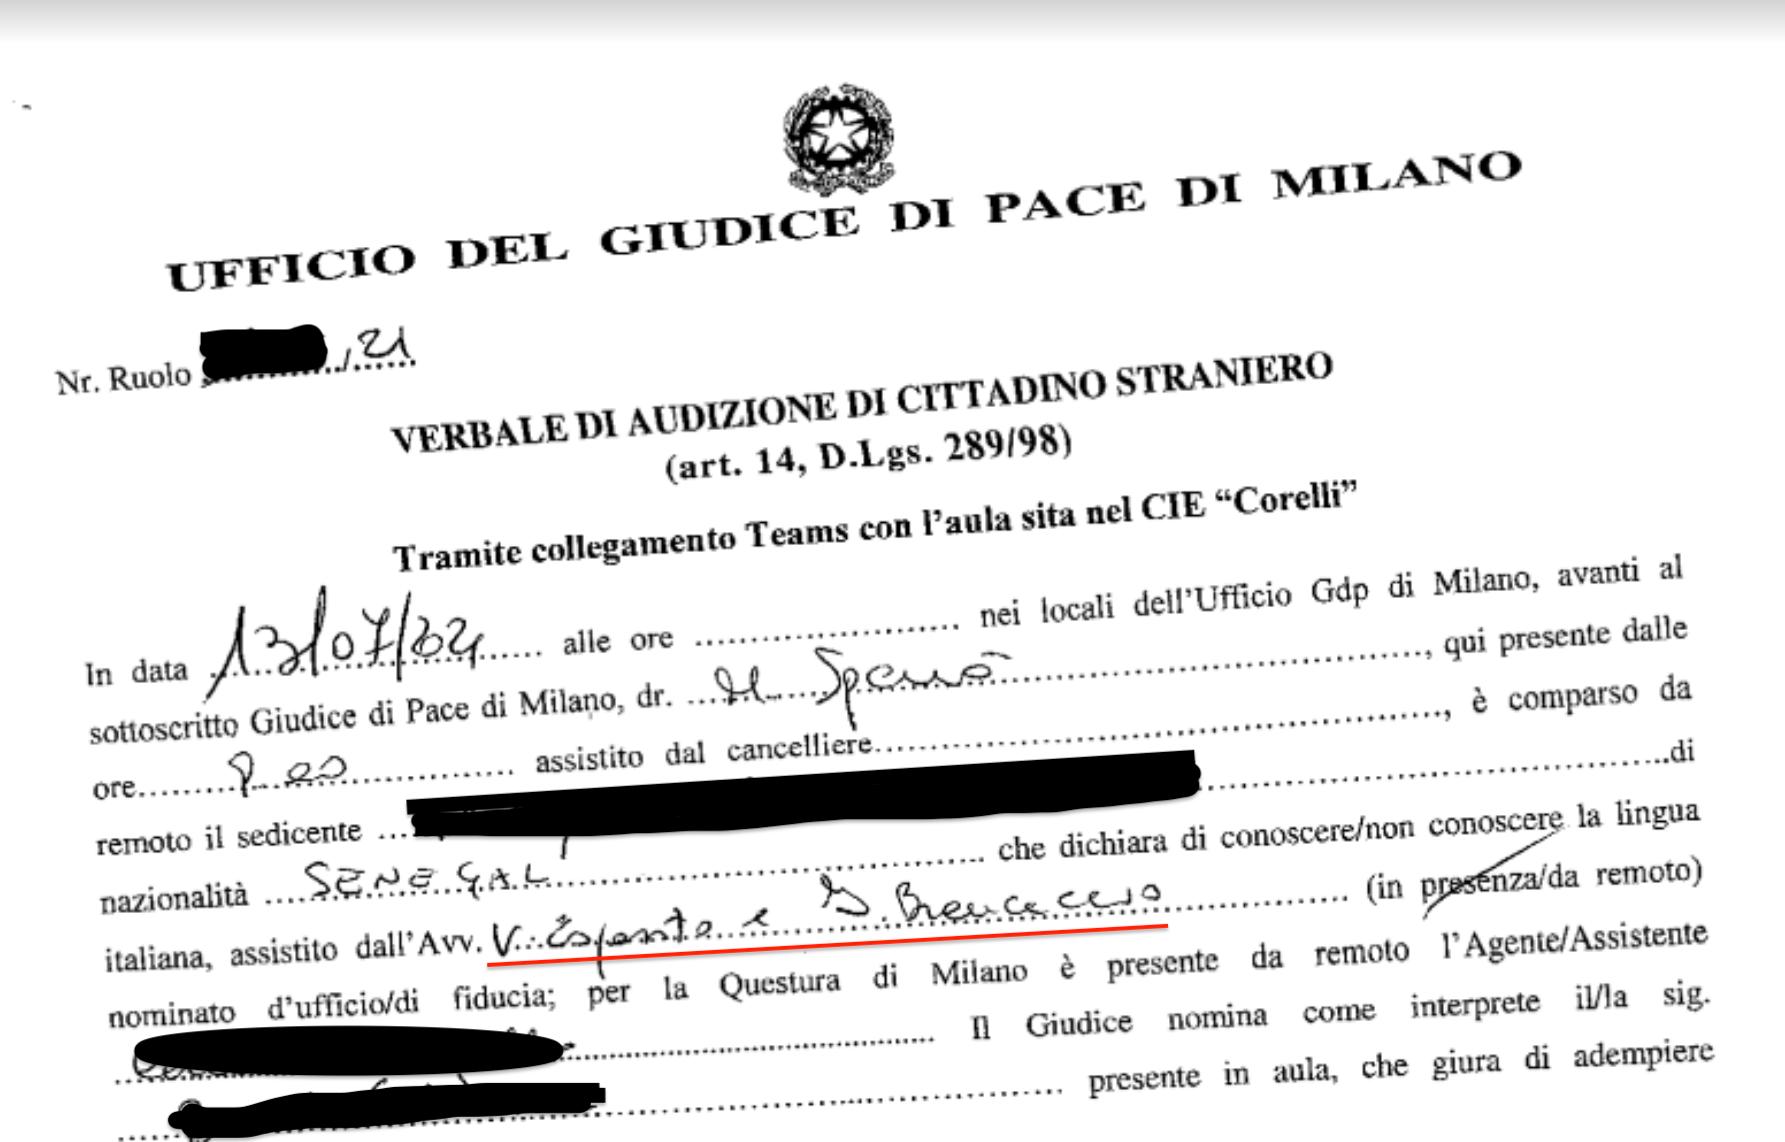 Verbale di audizione dell'Ufficio del giudice di pace di Milano